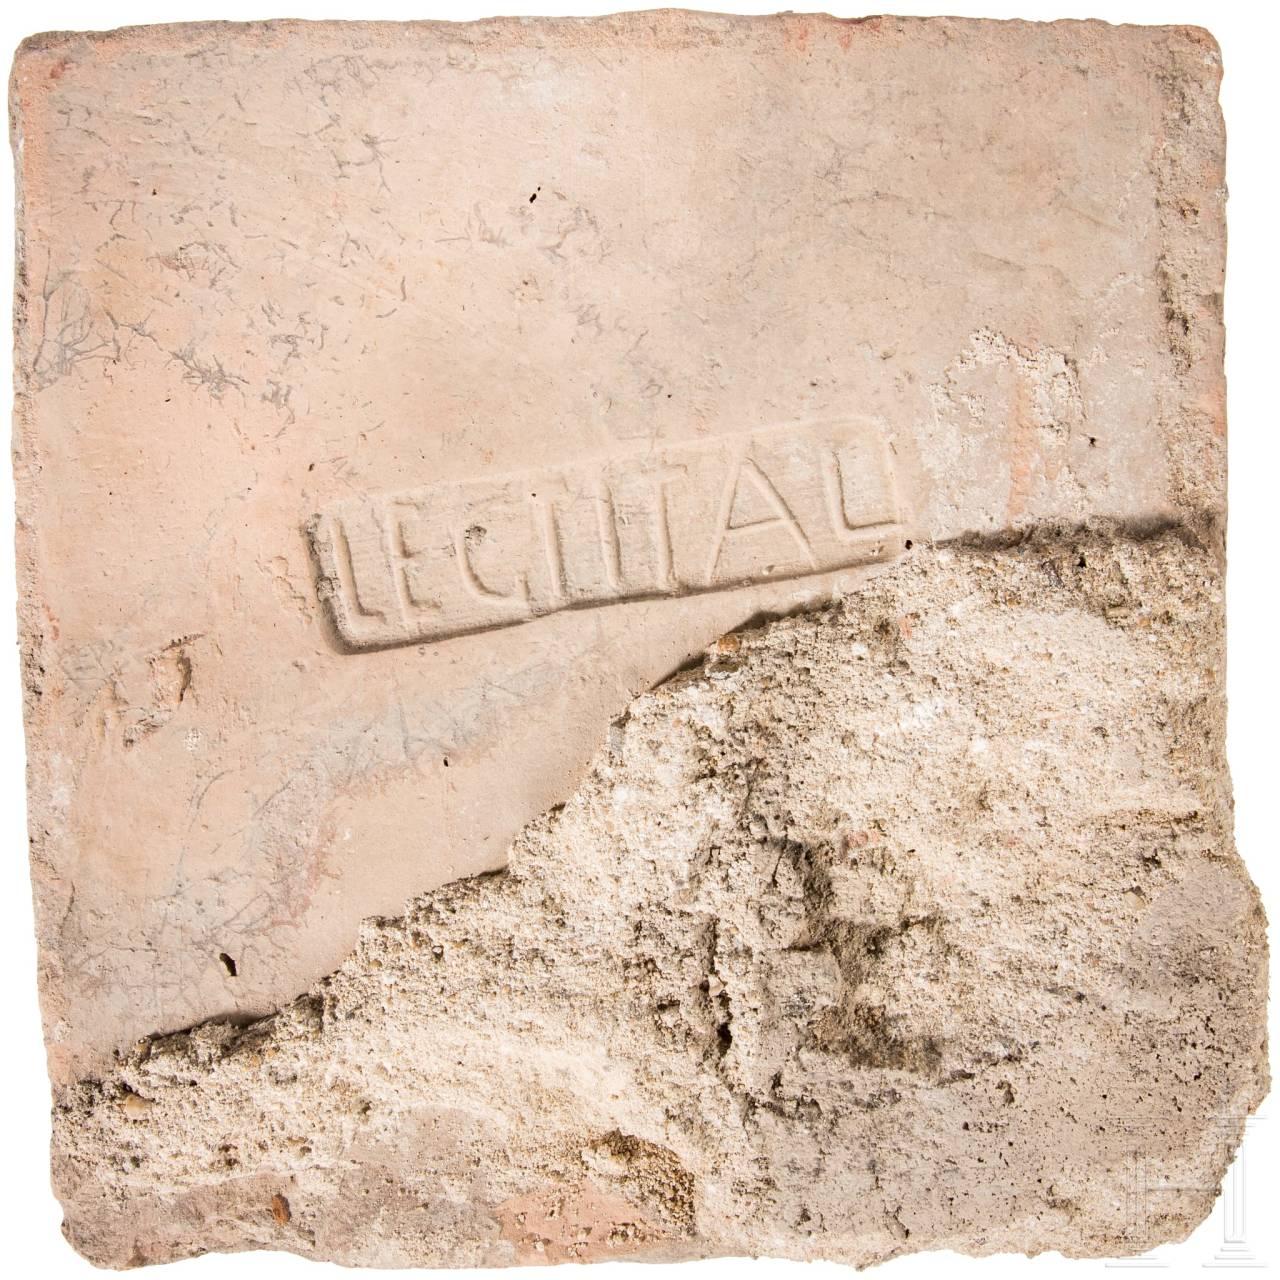 Ziegelfragment mit Stempel der 1. Legion Italica, römisch, Ende 1. Jhdt. - 4. Jhdt.